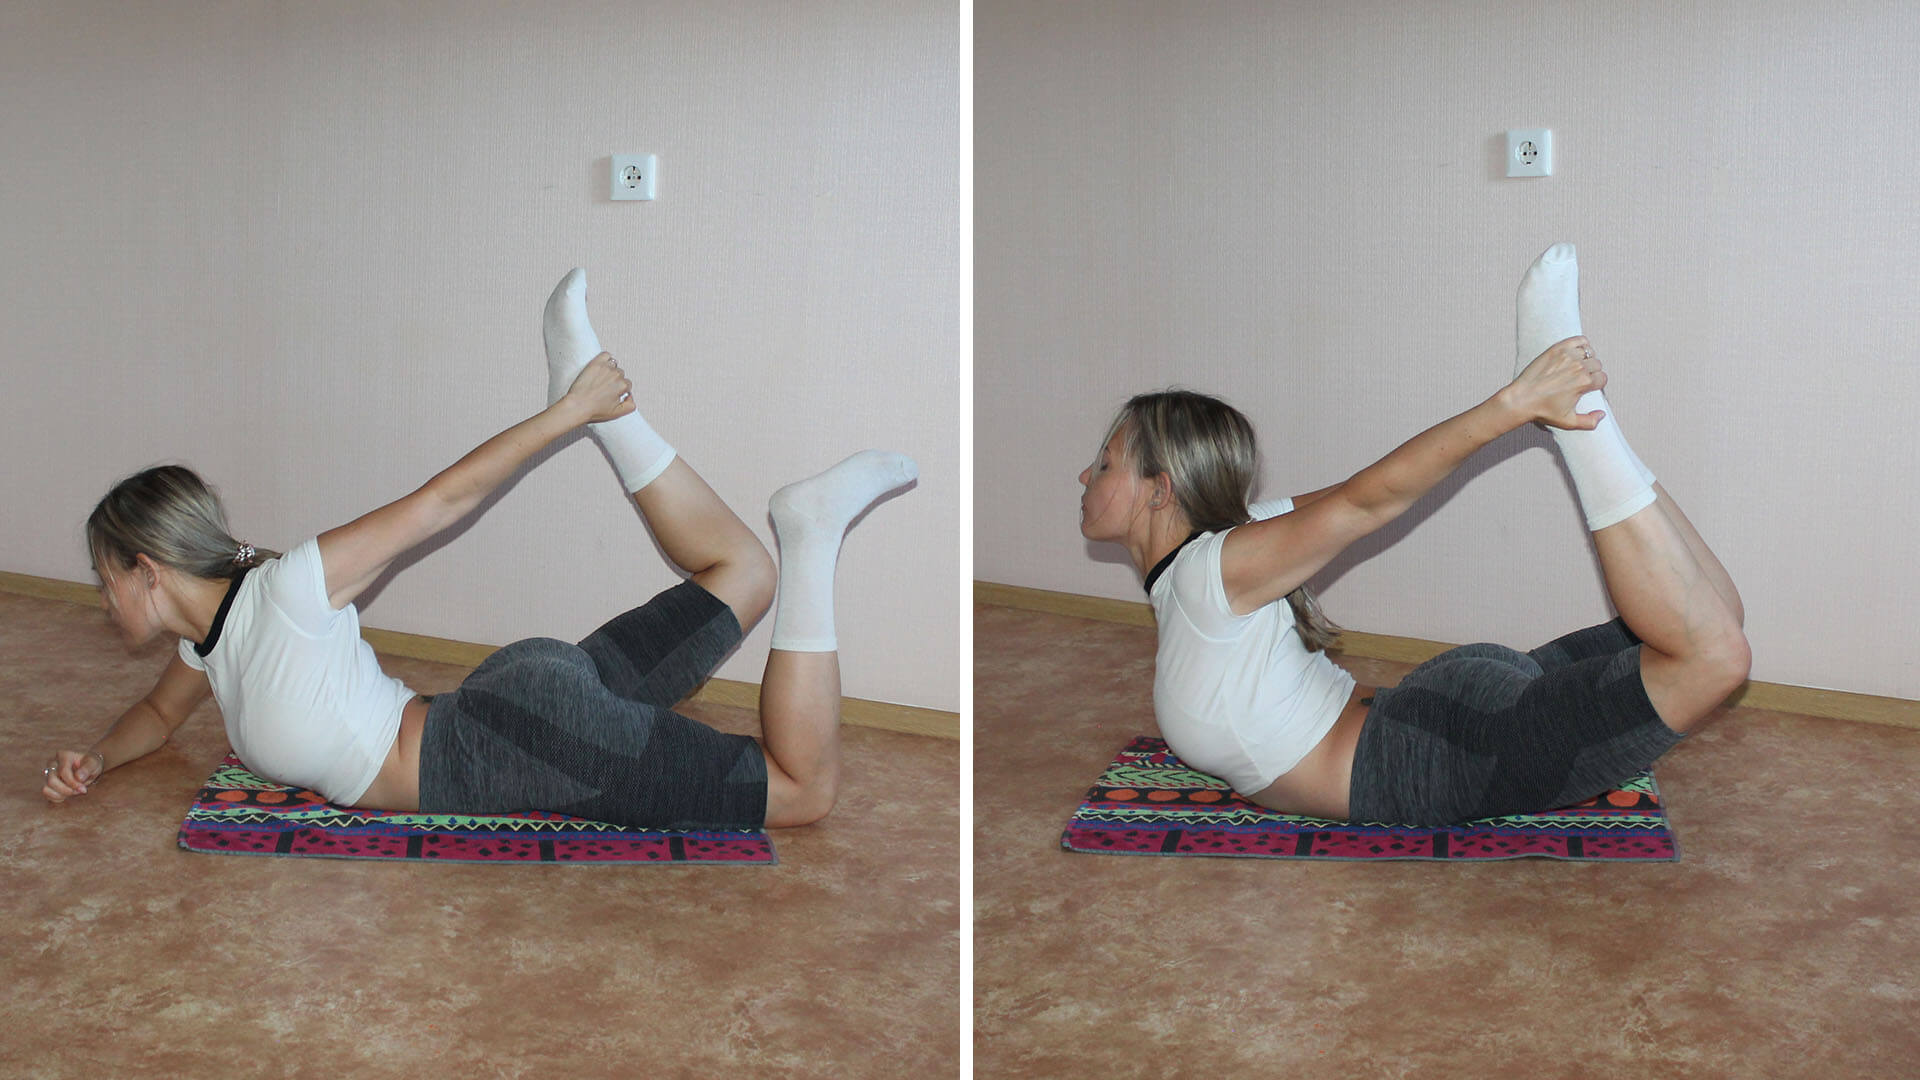 Как растянуть малую грудную мышцу: фото упражнения.